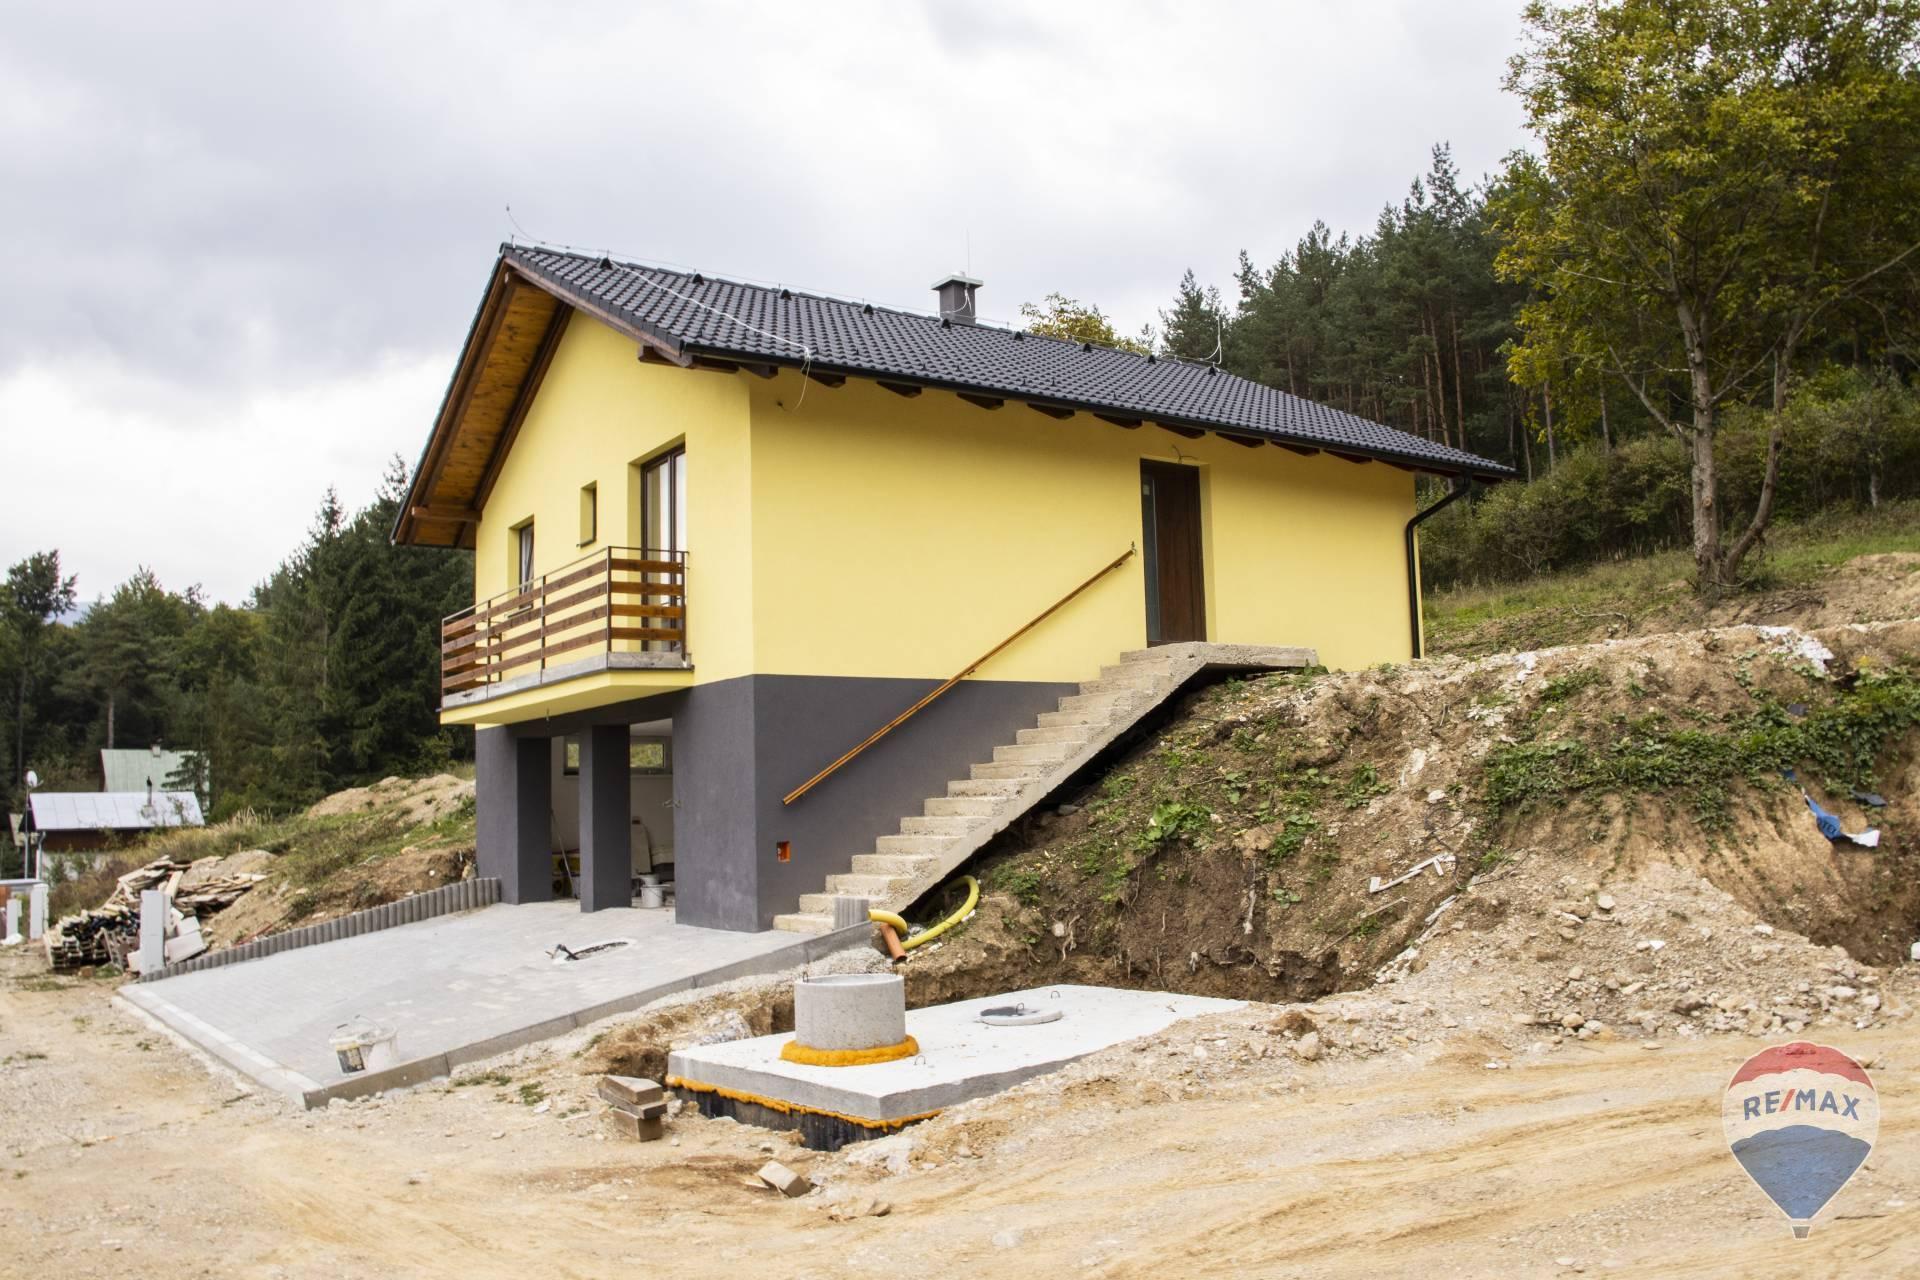 Predaj domu 65 m2, Trenčianske Teplice - Na predaj rodinný dom ( apartmánový dom ) Baračka, Trenčianske Teplice